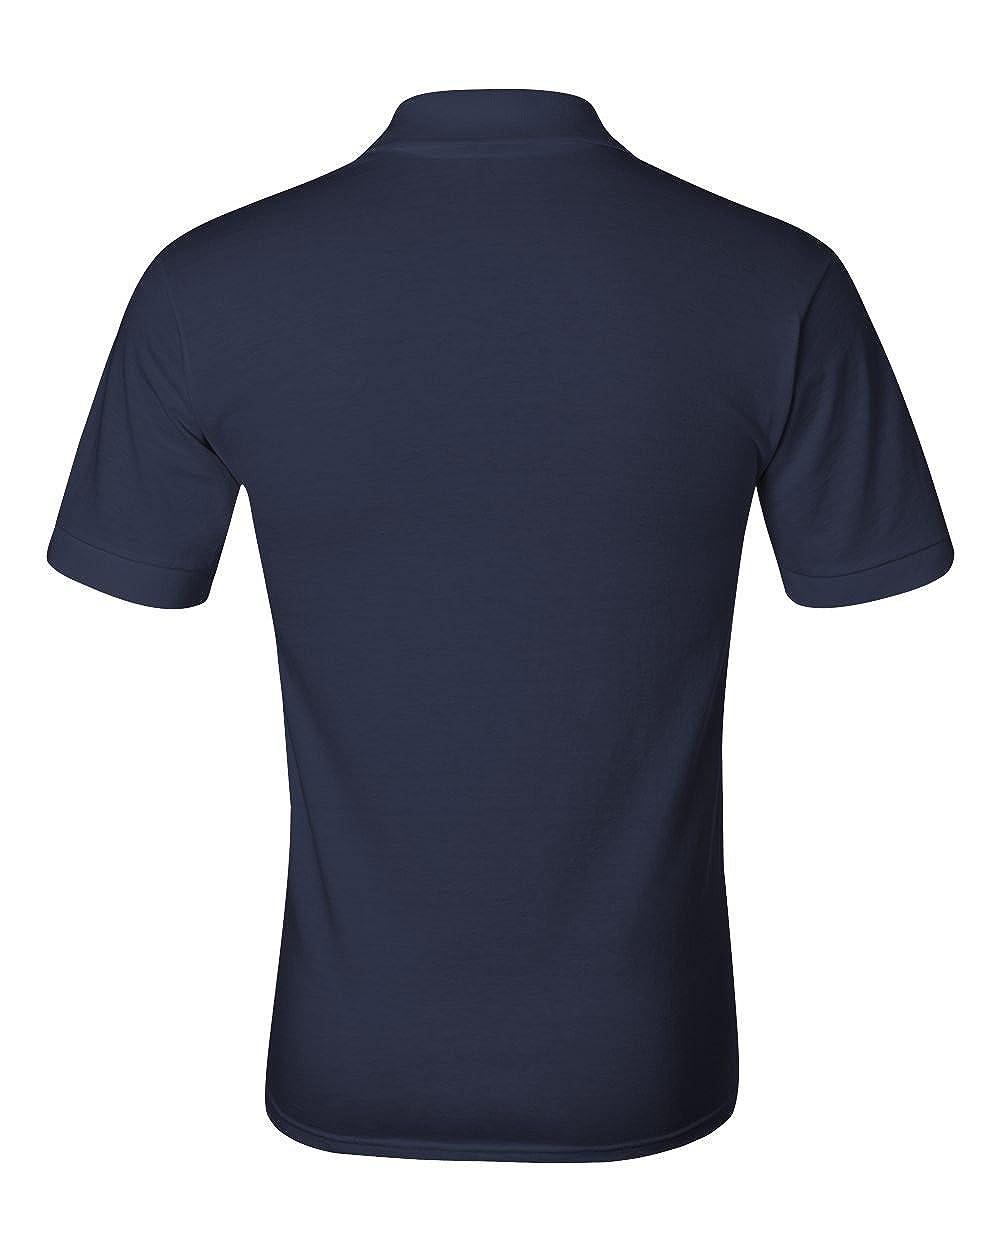 Jerzees Mens Heavyweight Welt Knit Collar Jersey Polo Shirt